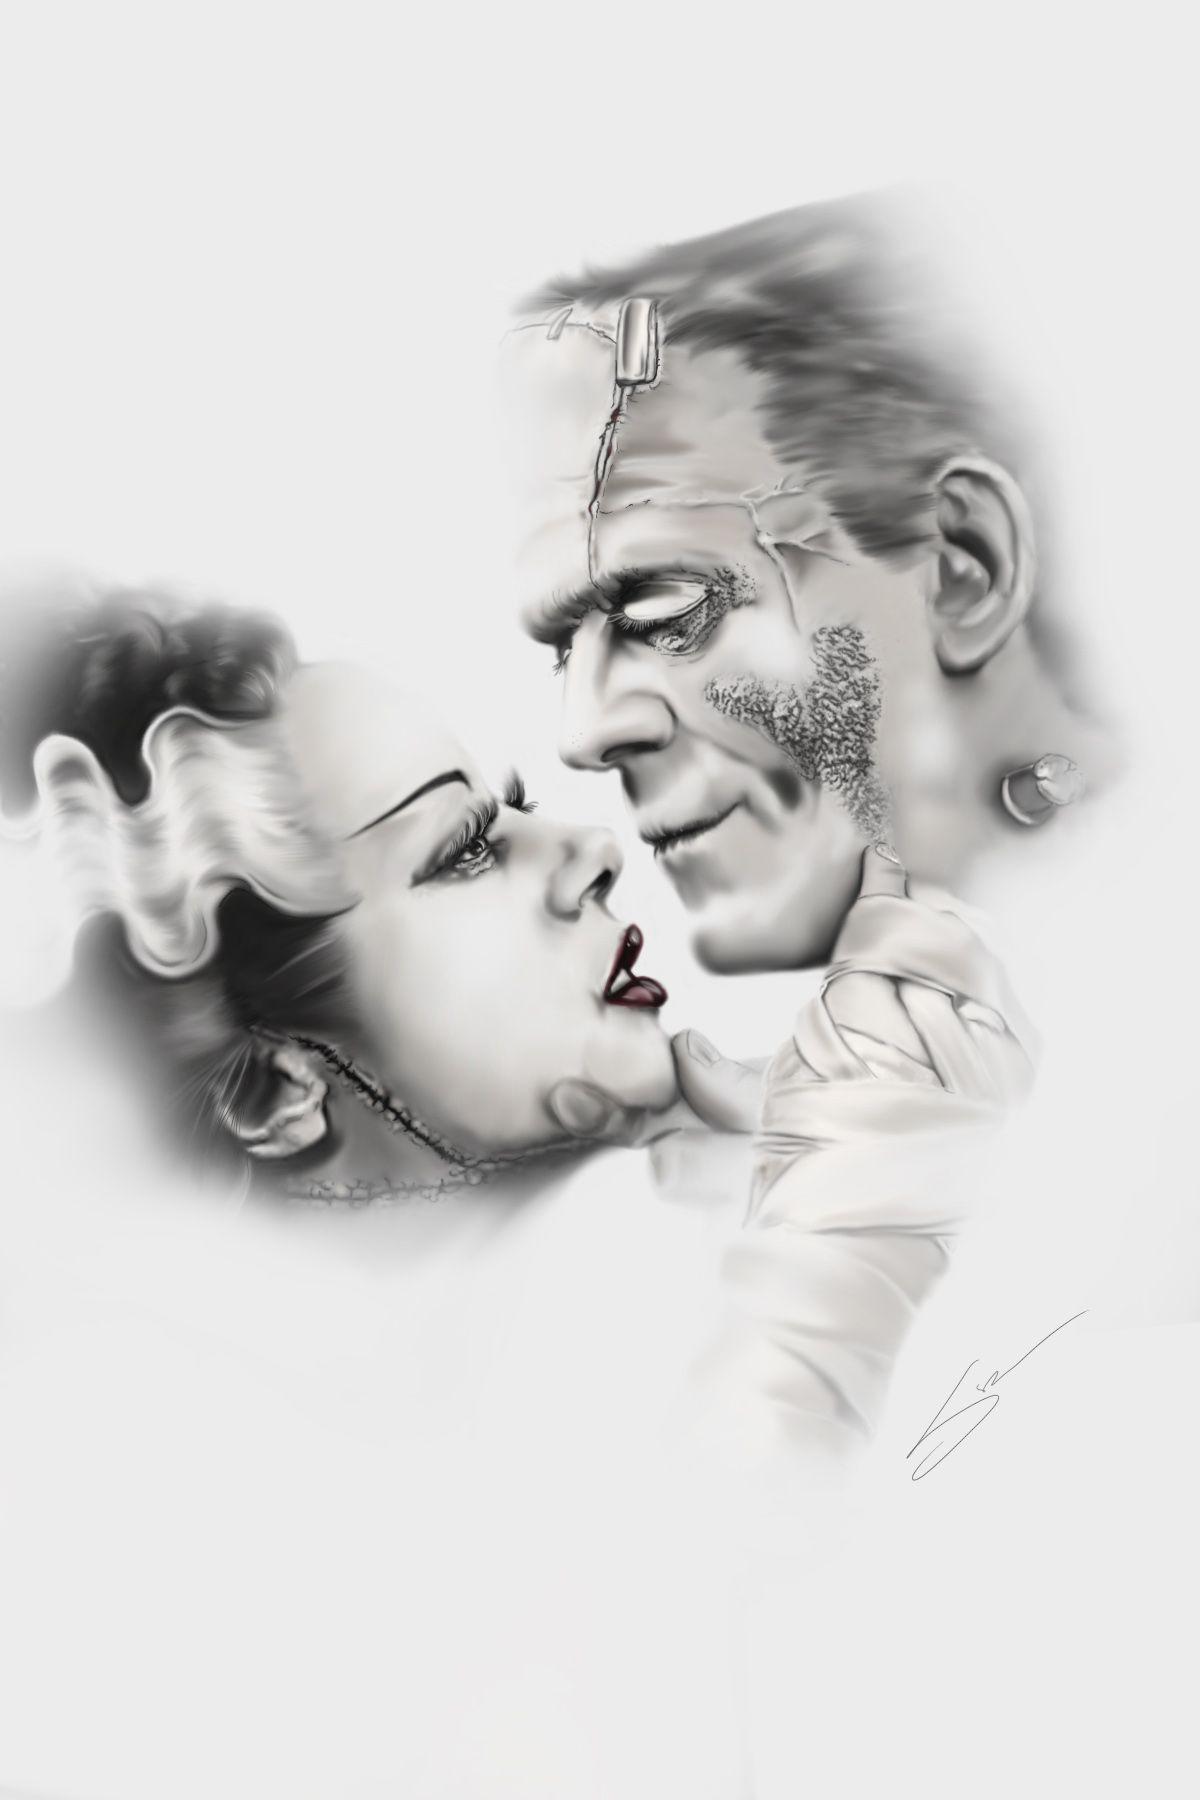 Frankie and the Bride. #frankenstein #thebrideoffrankenstein #love ...